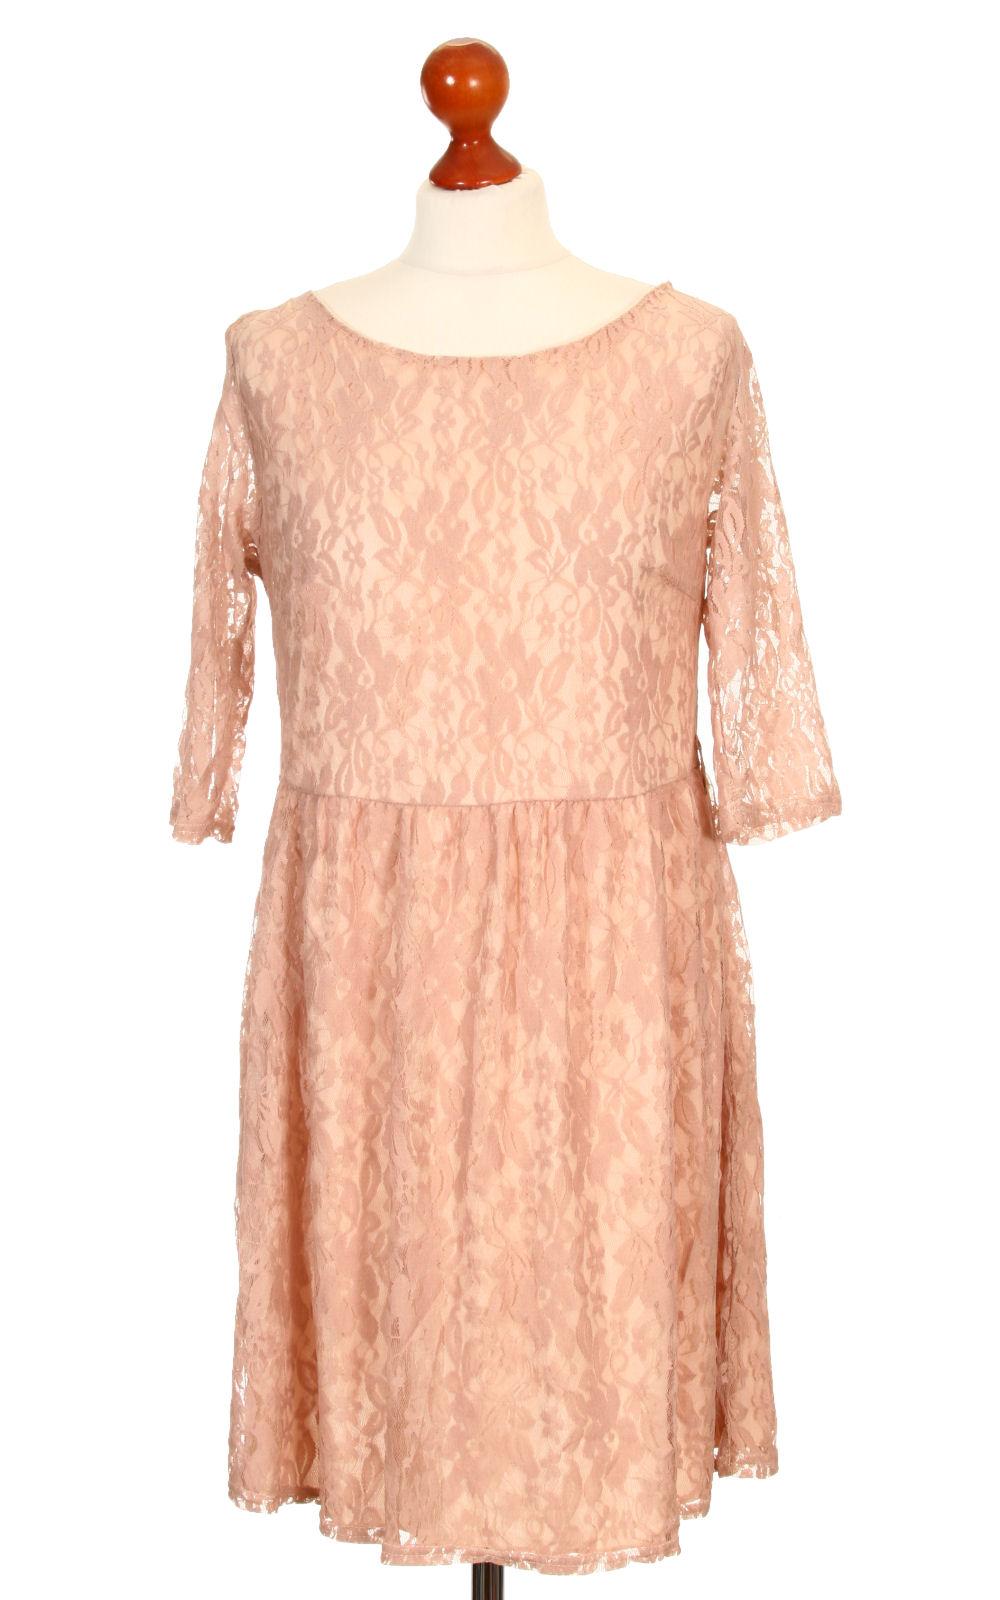 8d946f4fa9 Női ruházat | Alkalmi ruha, Atmosphere, Méret: 42 | http://www ...